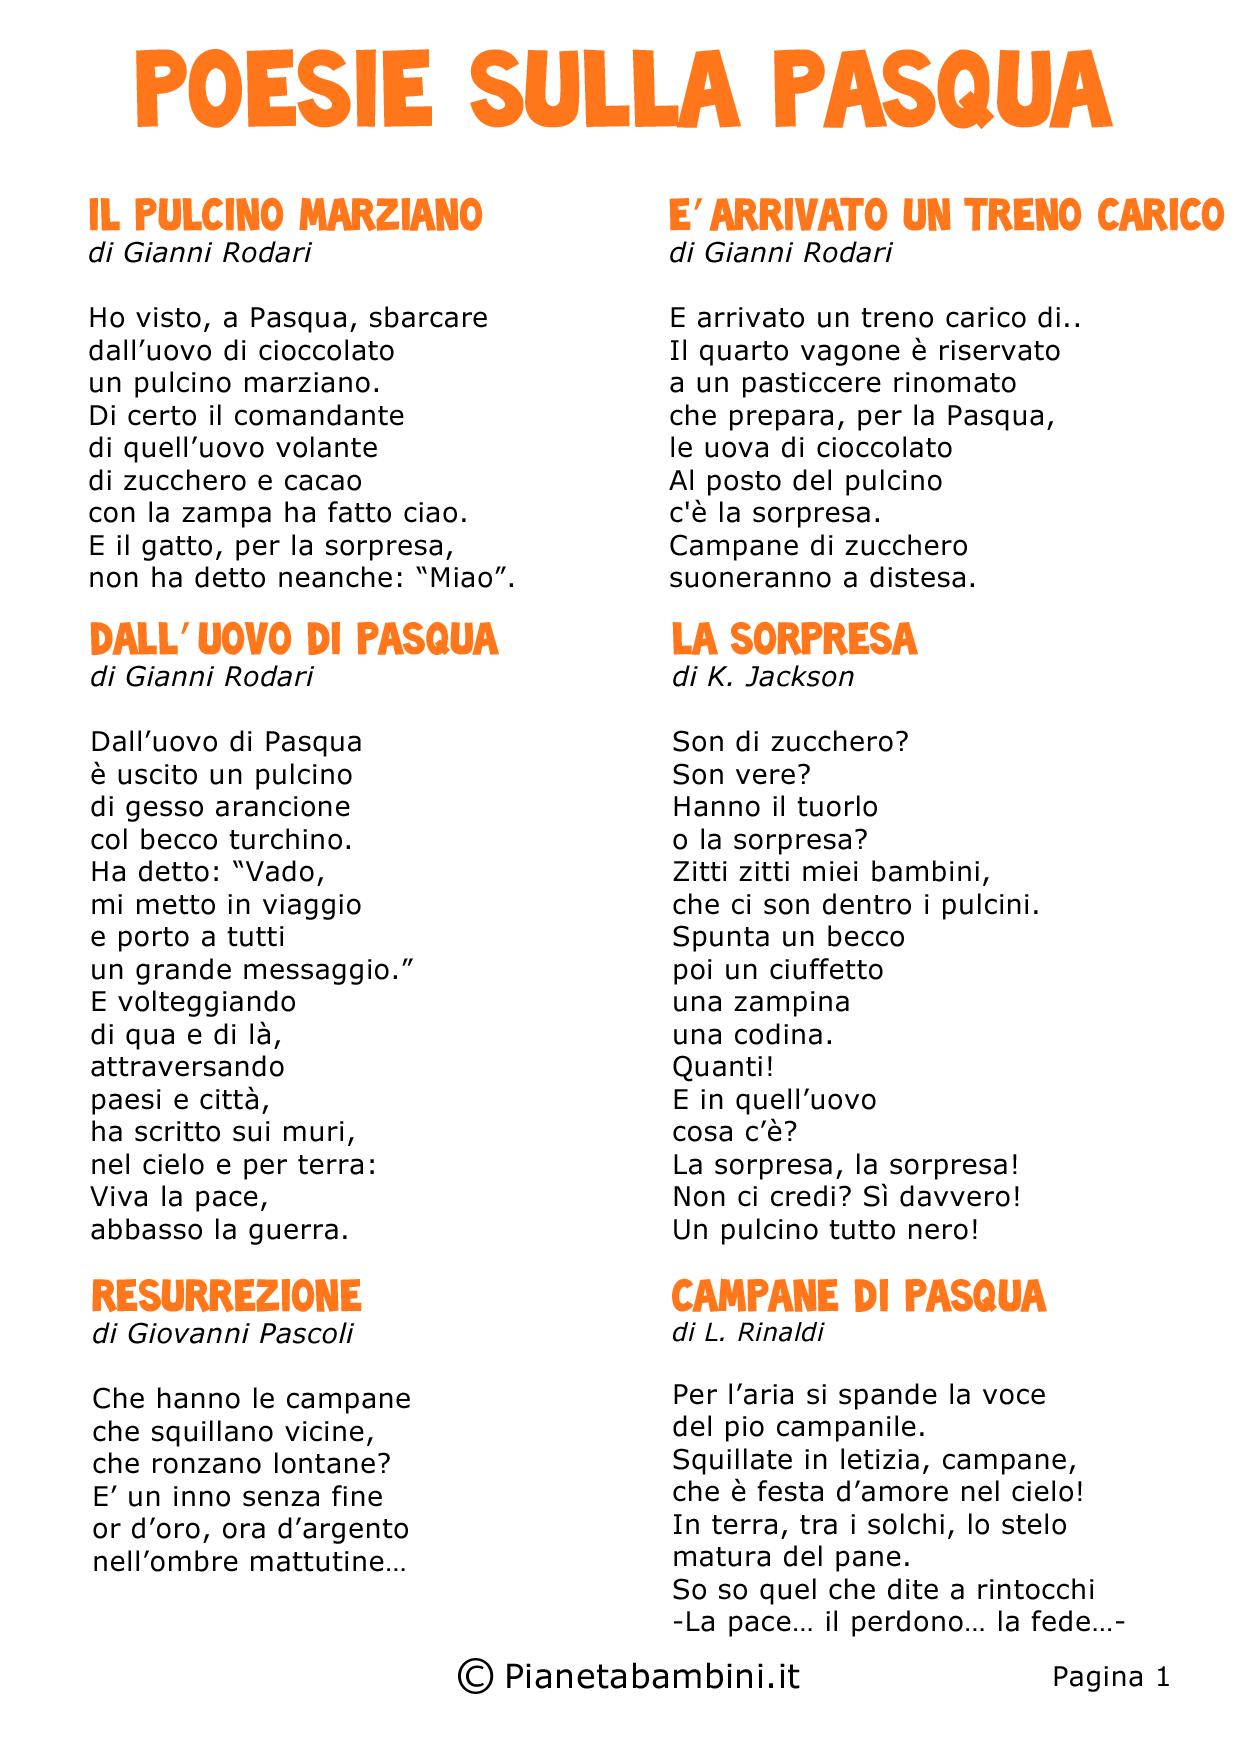 Conosciuto Poesie di Pasqua per Bambini della Scuola Primaria | PianetaBambini.it SH12